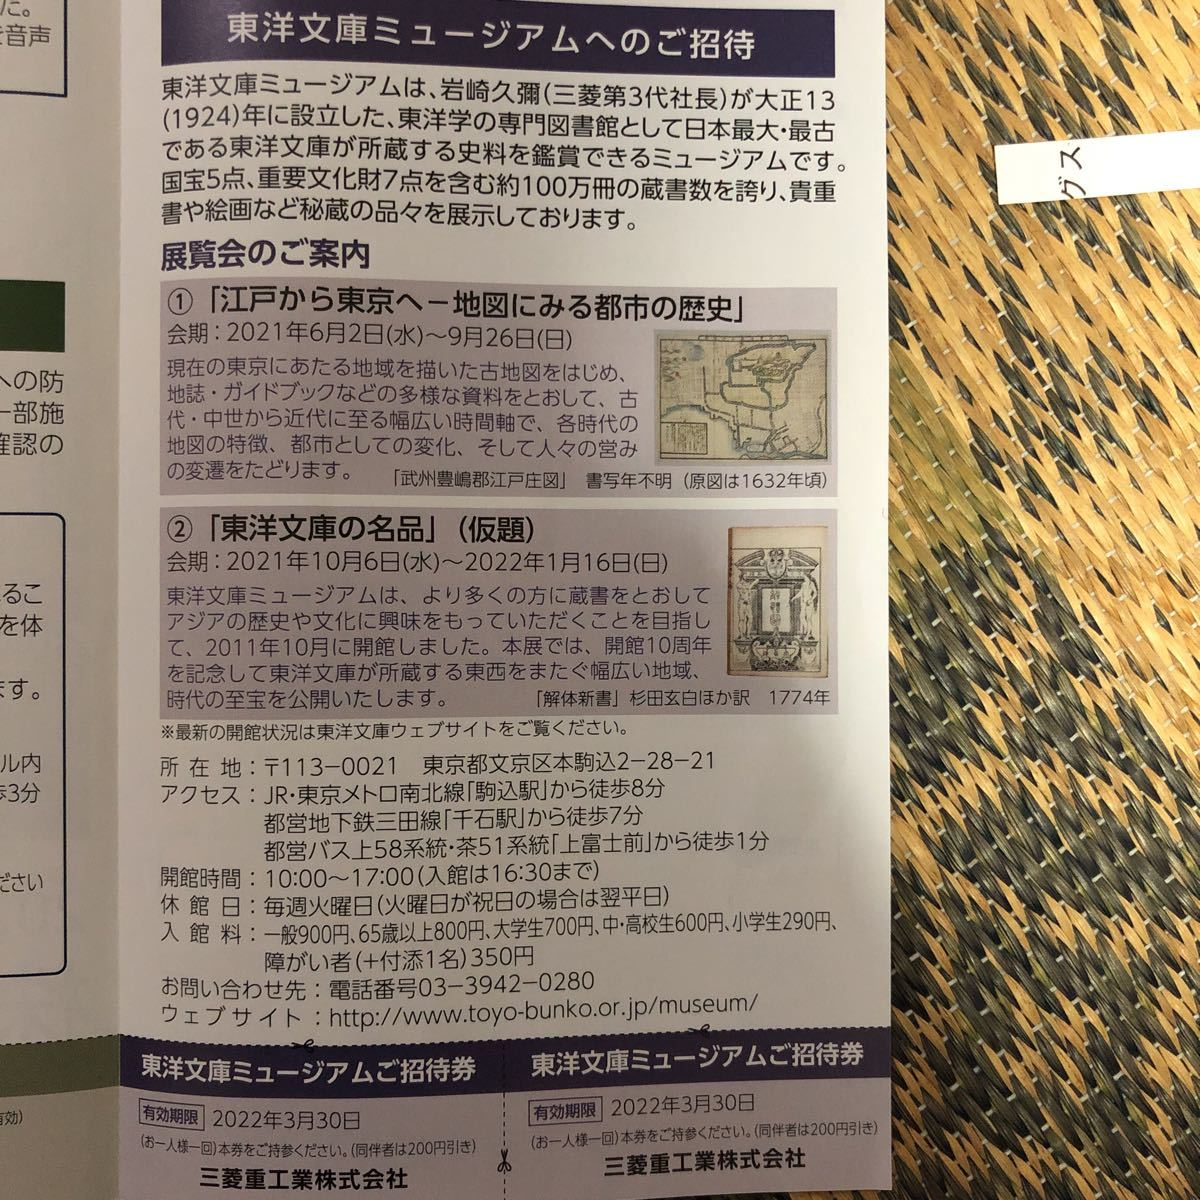 東洋文庫ミュージアムご招待券 株主優待有効期限2022年3月30日まで送料込み_画像1